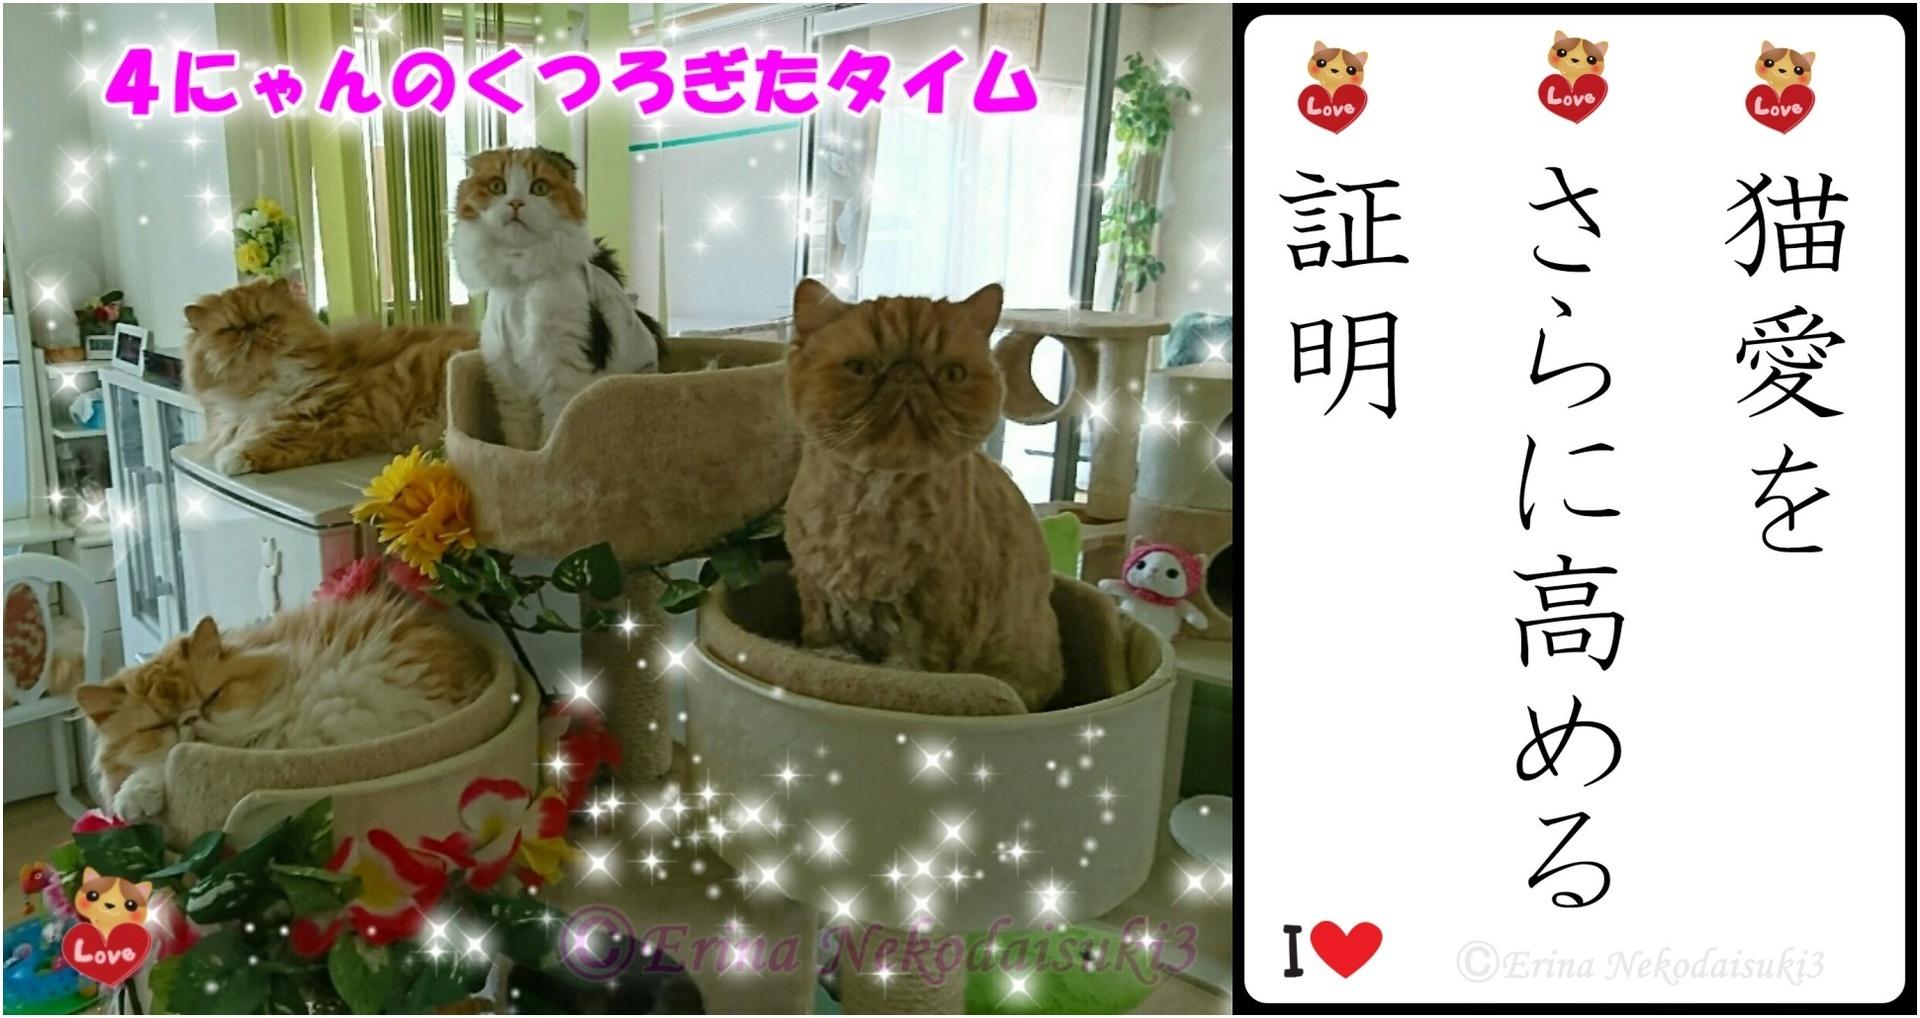 2連結猫川柳Ⓒ4にゃんのくつろぎタイム-side.jpg